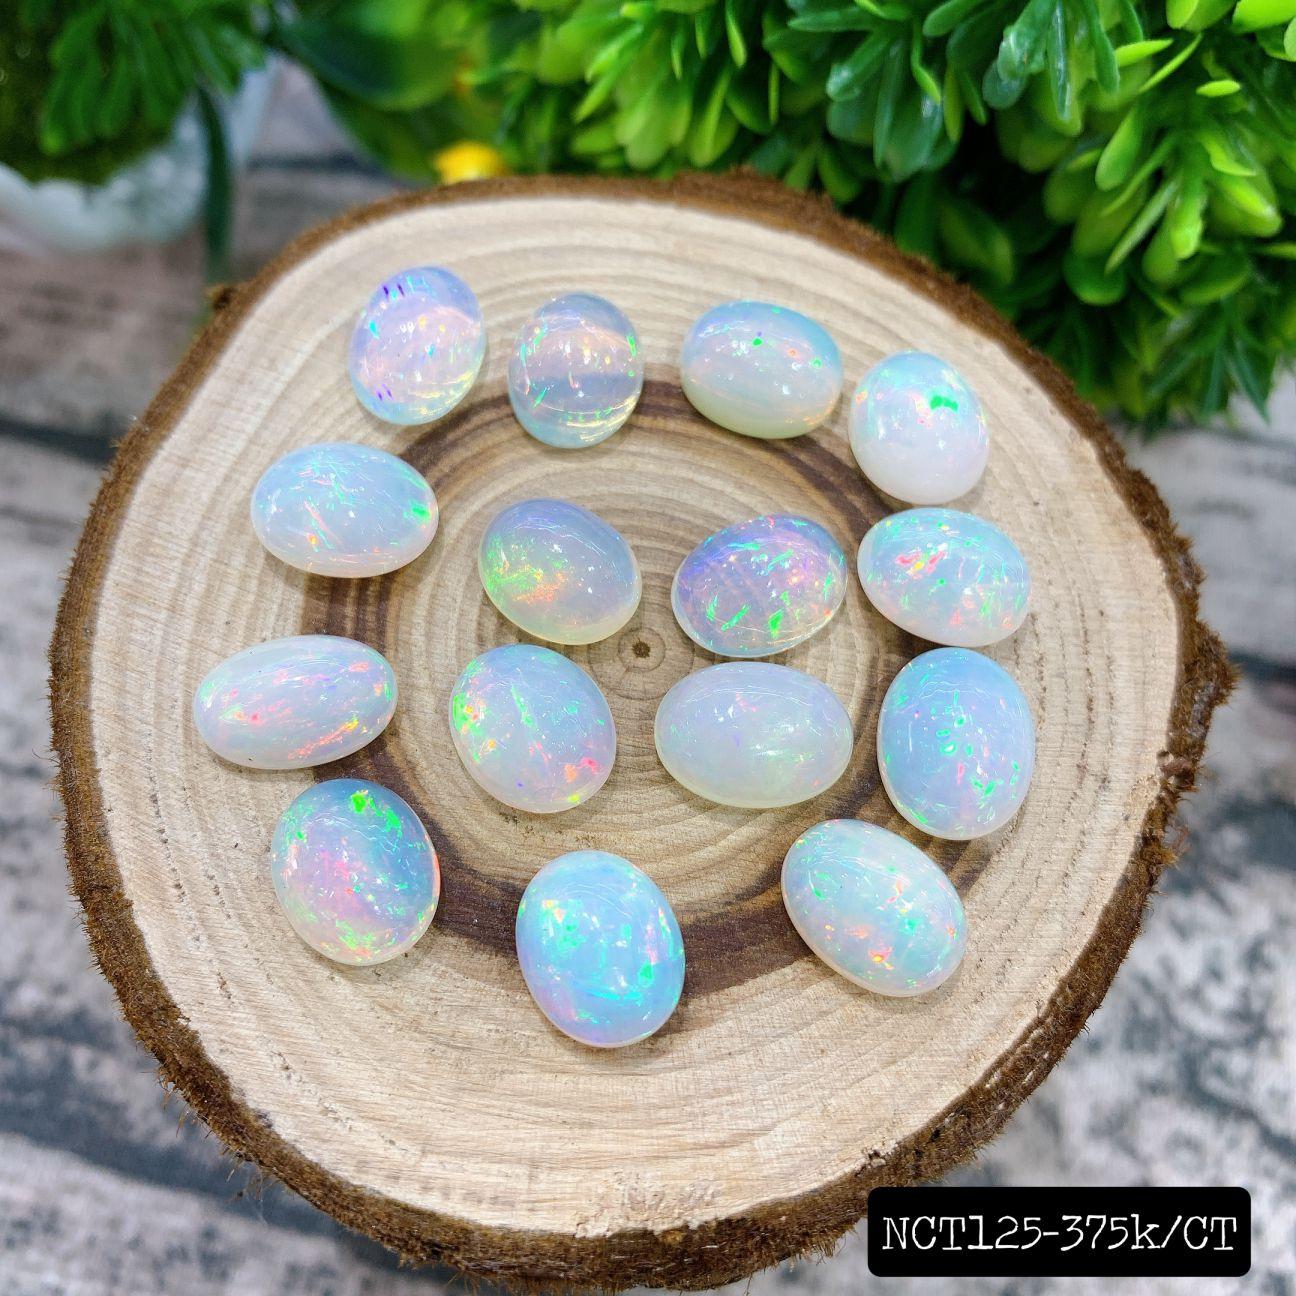 Ý nghĩa đá opal trong phong thủy điều bạn cần biết